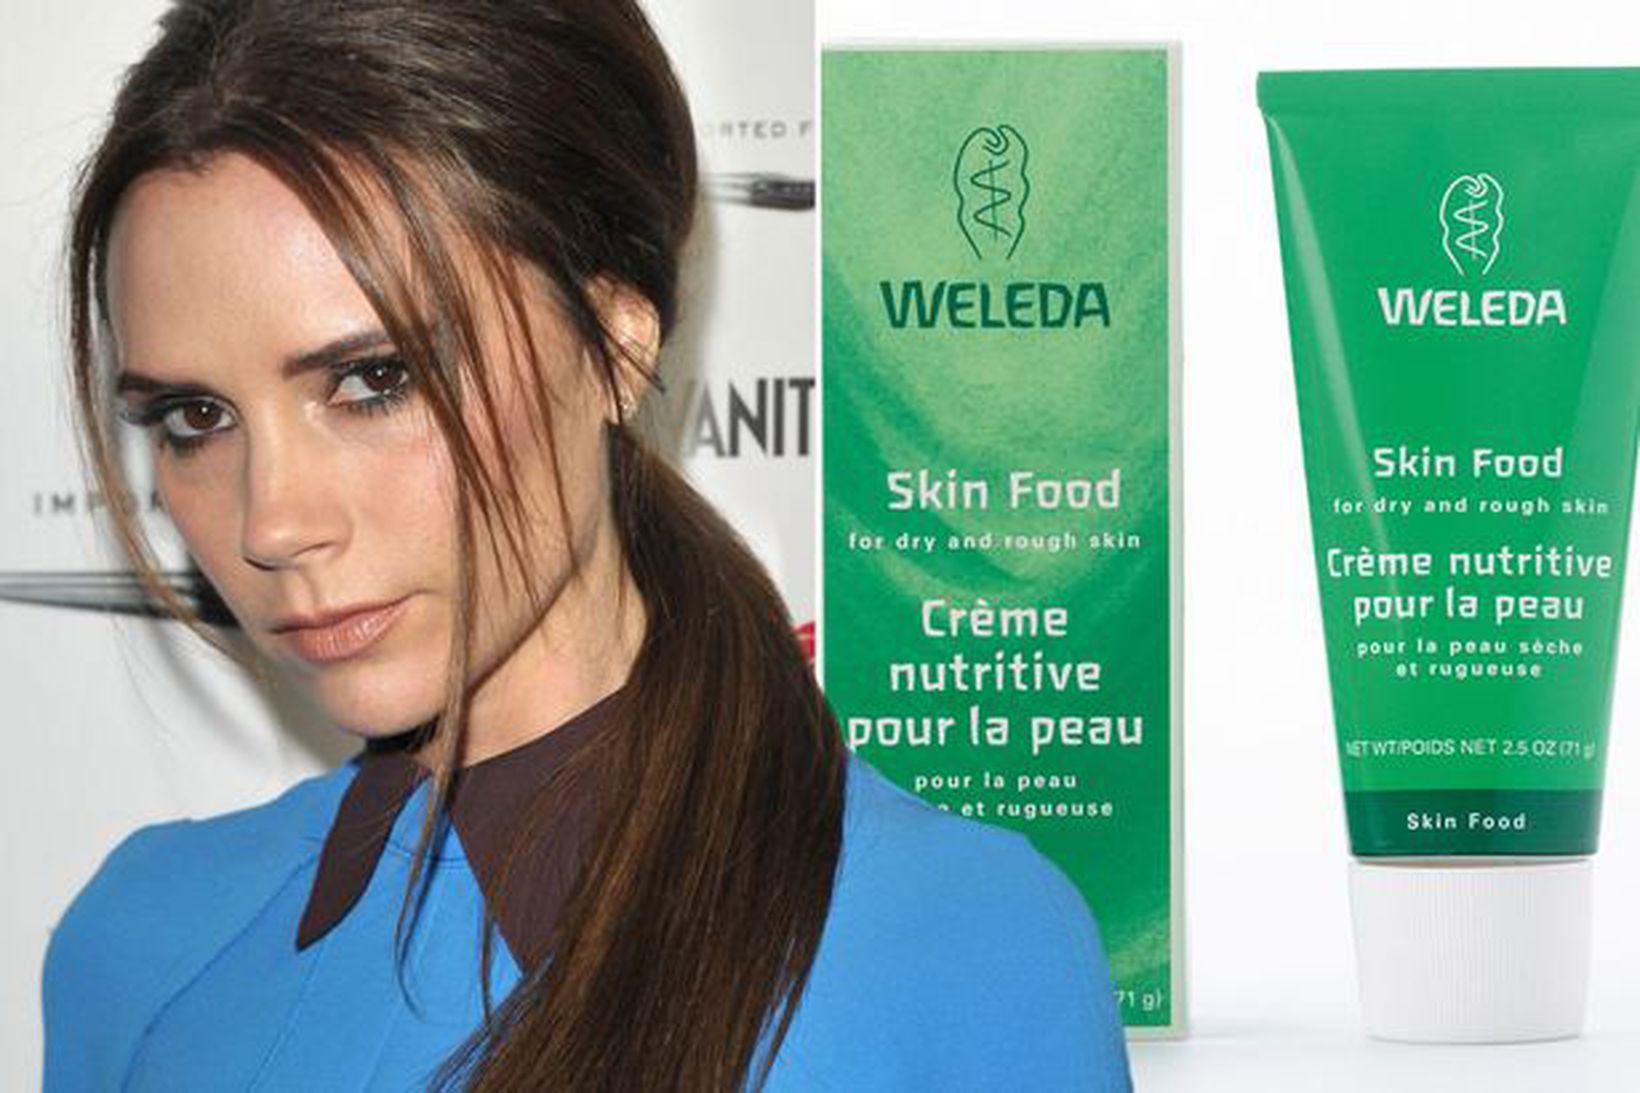 Victoria Beckham notar Weleda Skin Food kremið.